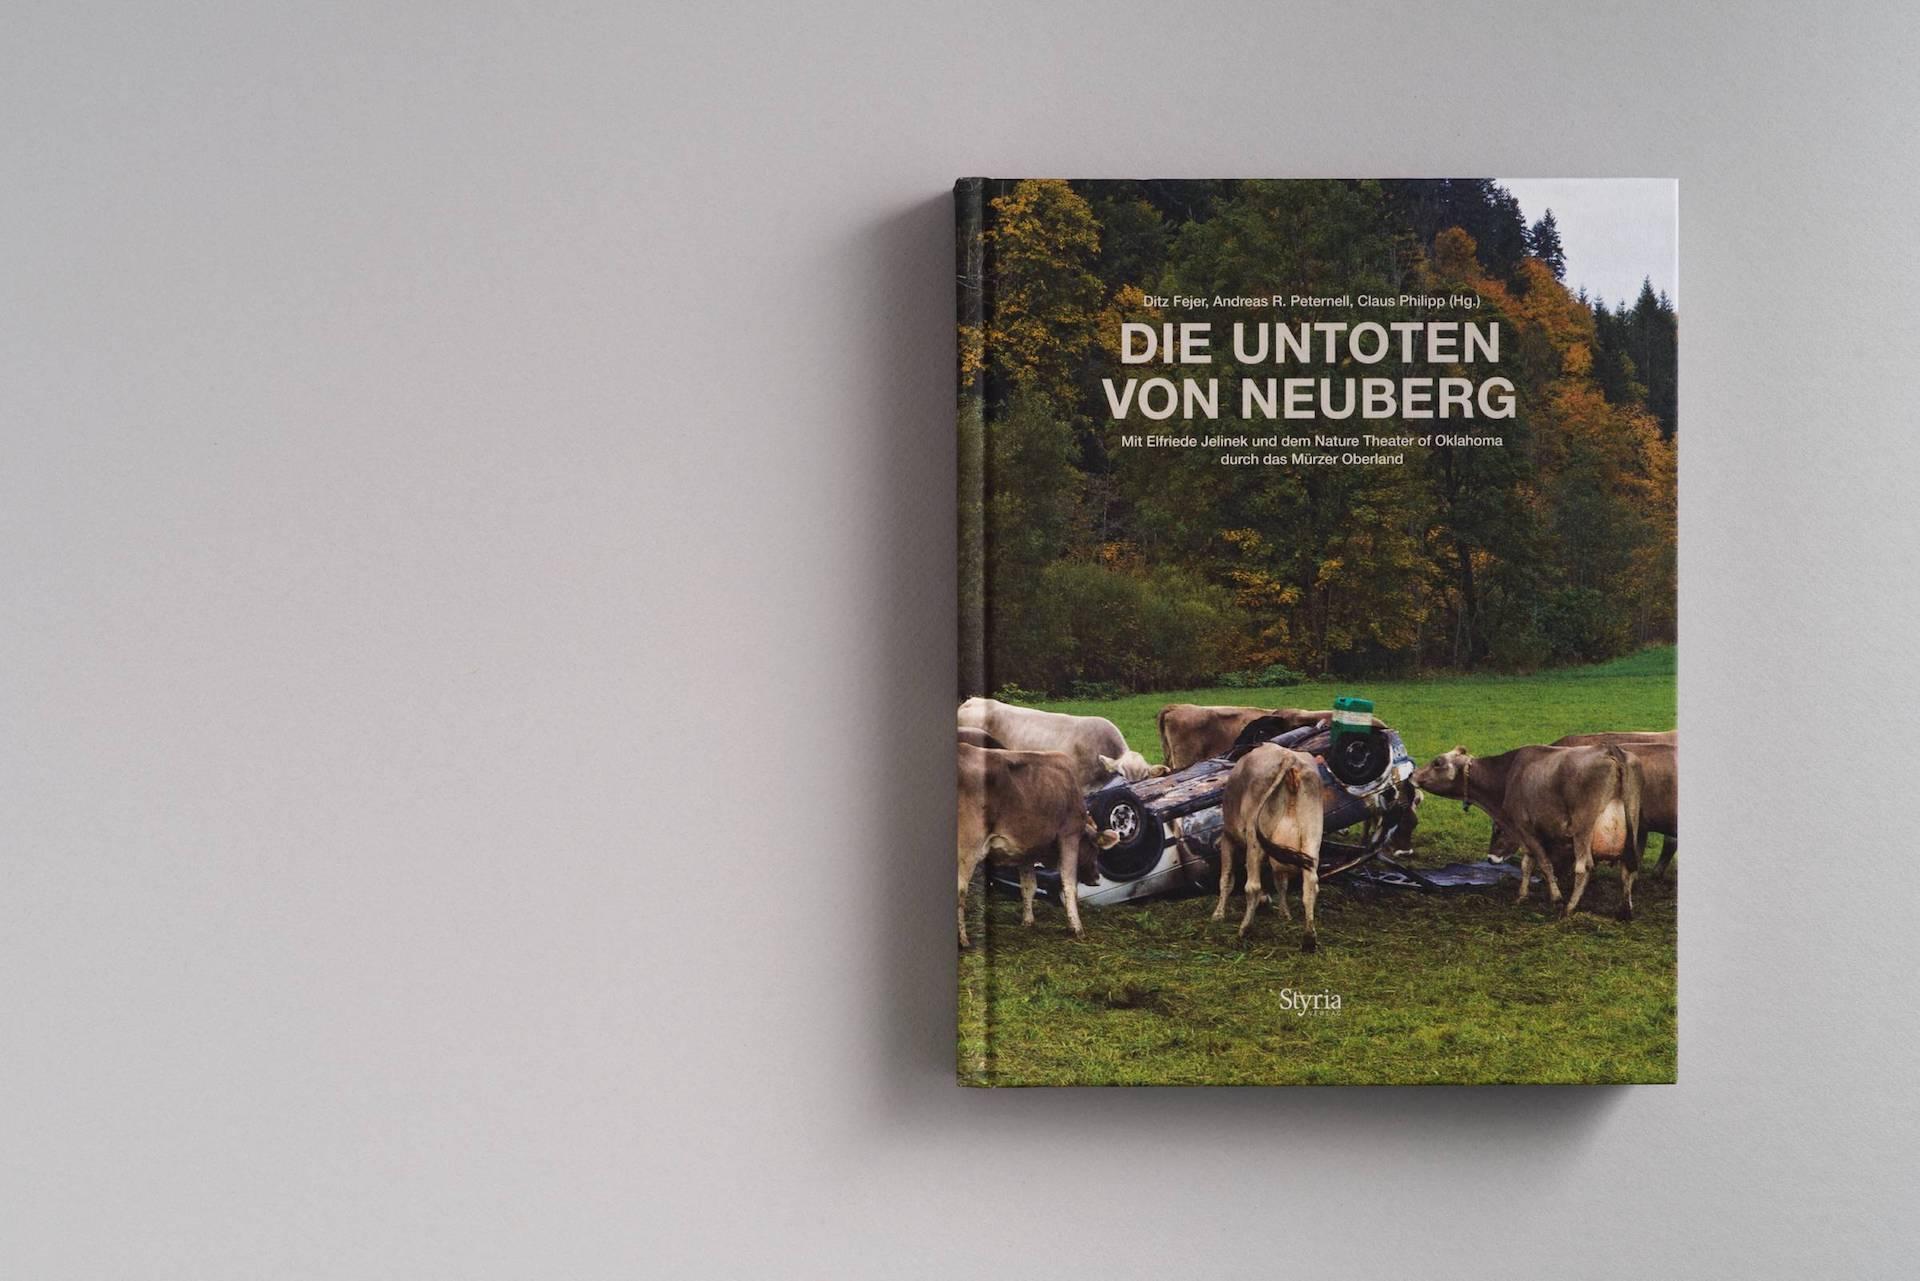 Referenz Publikation TRAFO: Die Untoten von Neuberg, Styria Verlag © Arlene Jobbes